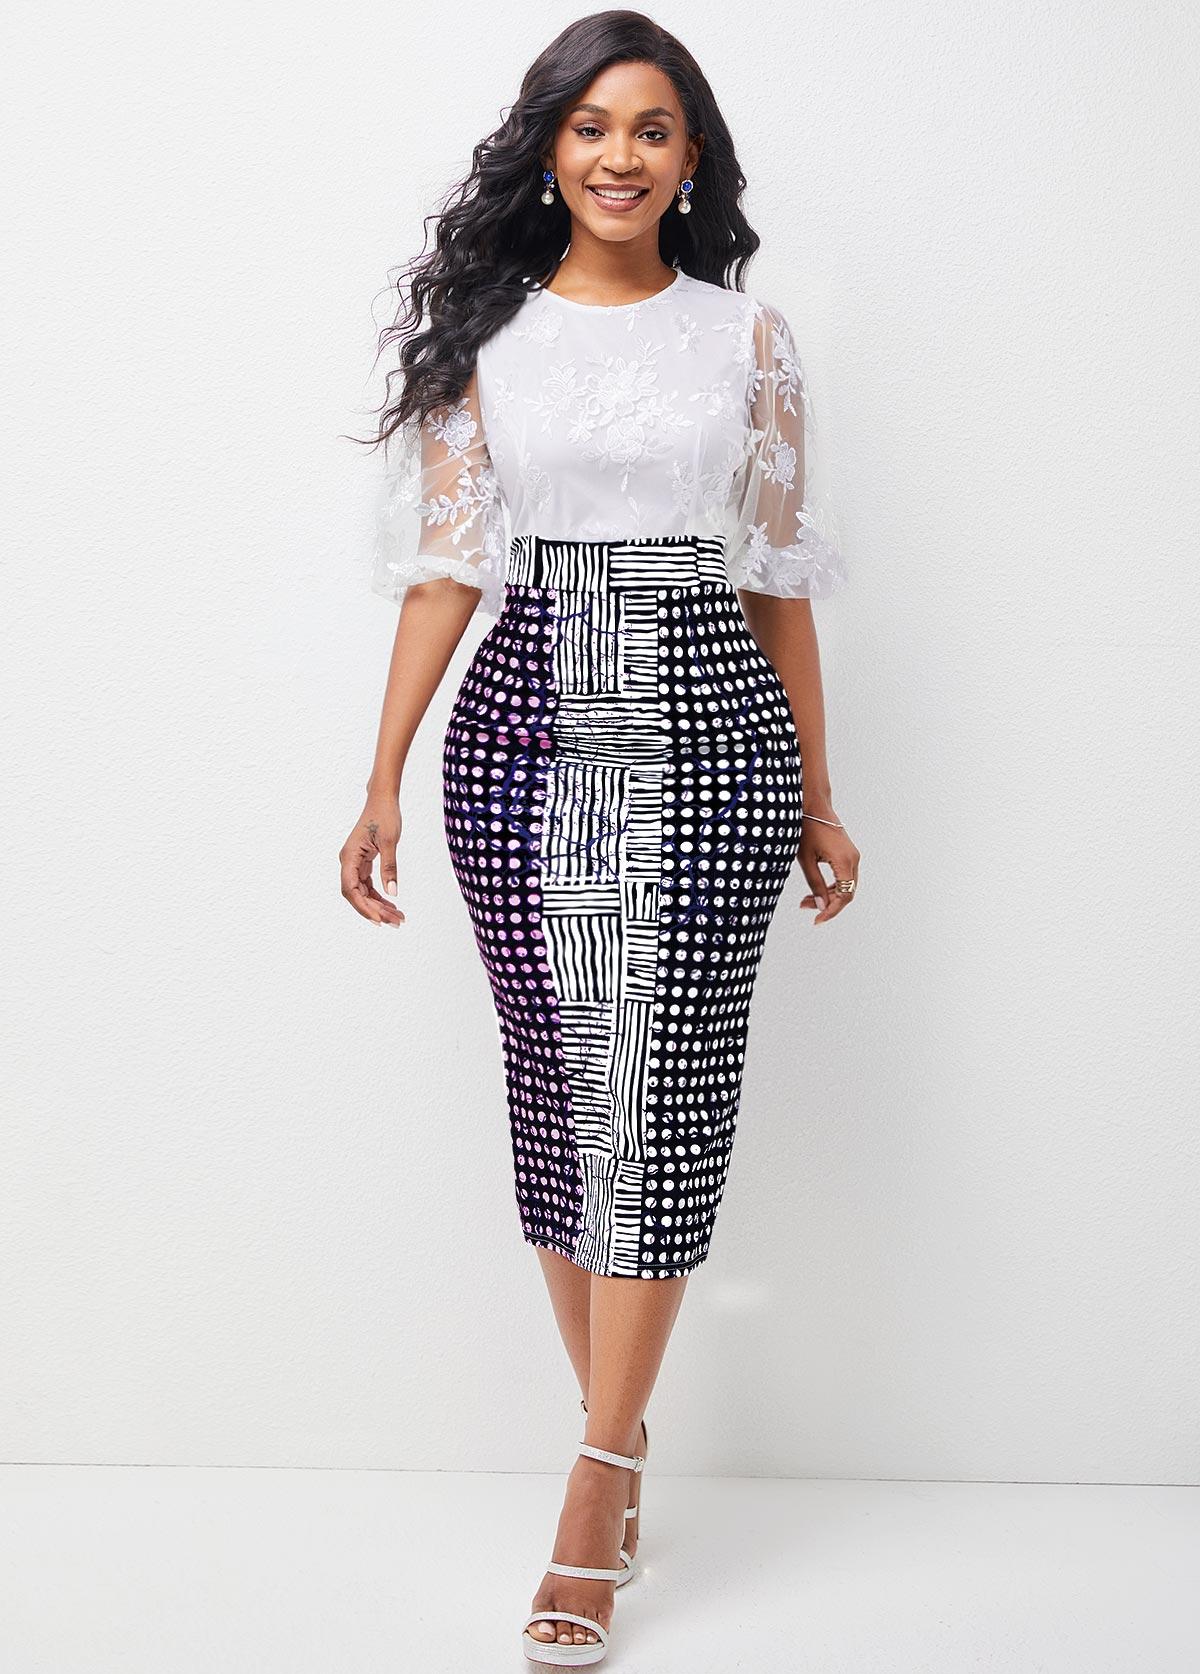 ROTITA Lace Stitching Geometric Print 3/4 Sleeve Dress